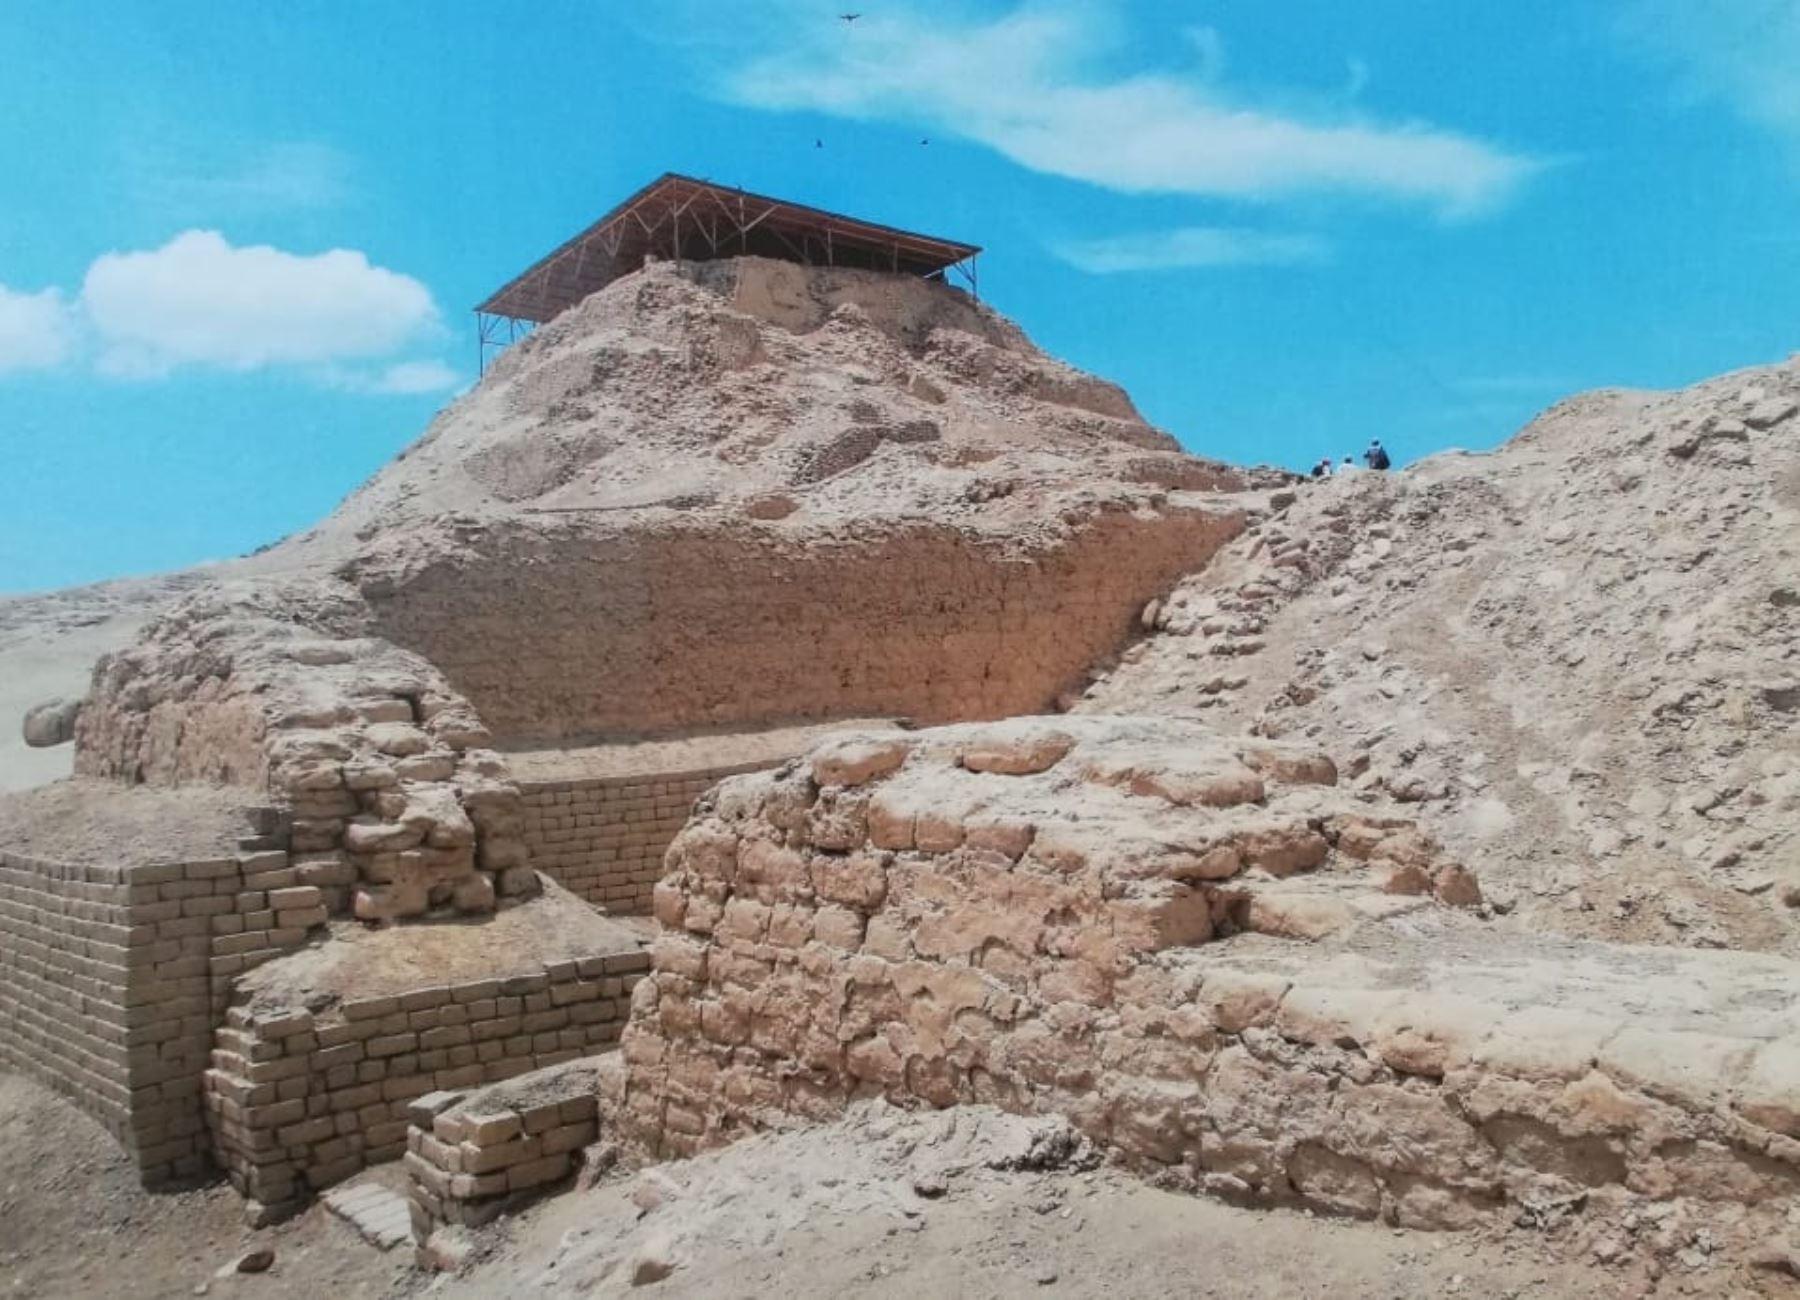 El complejo arqueológico de Pañamarca, ubicado en el distrito de Nepeña, provincia ancashina del Santa, tendrá una sala de interpretación.